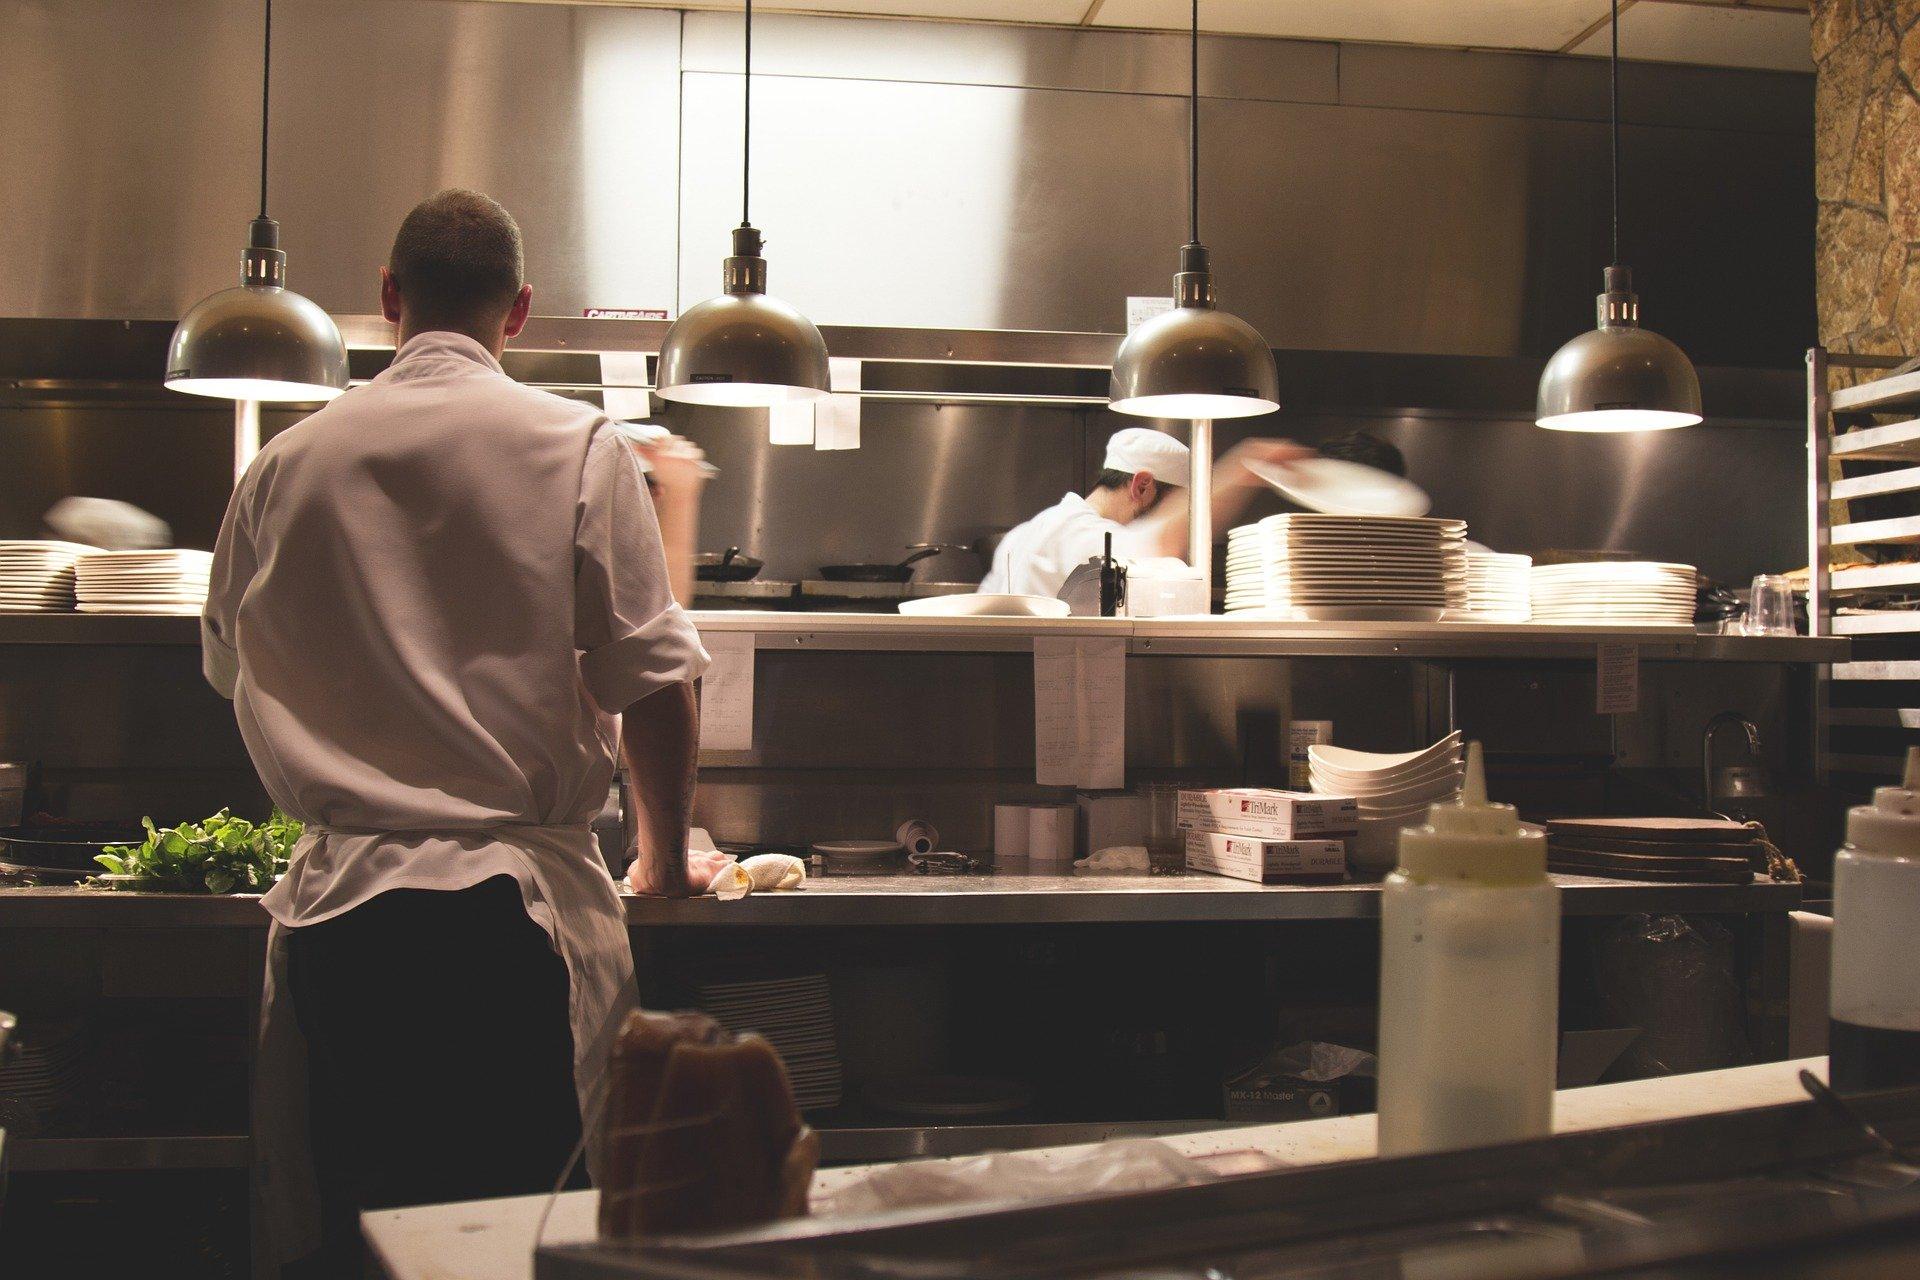 W gastronomii mamy braki kadrowe na rynku pracy (Fot. Pixabay)